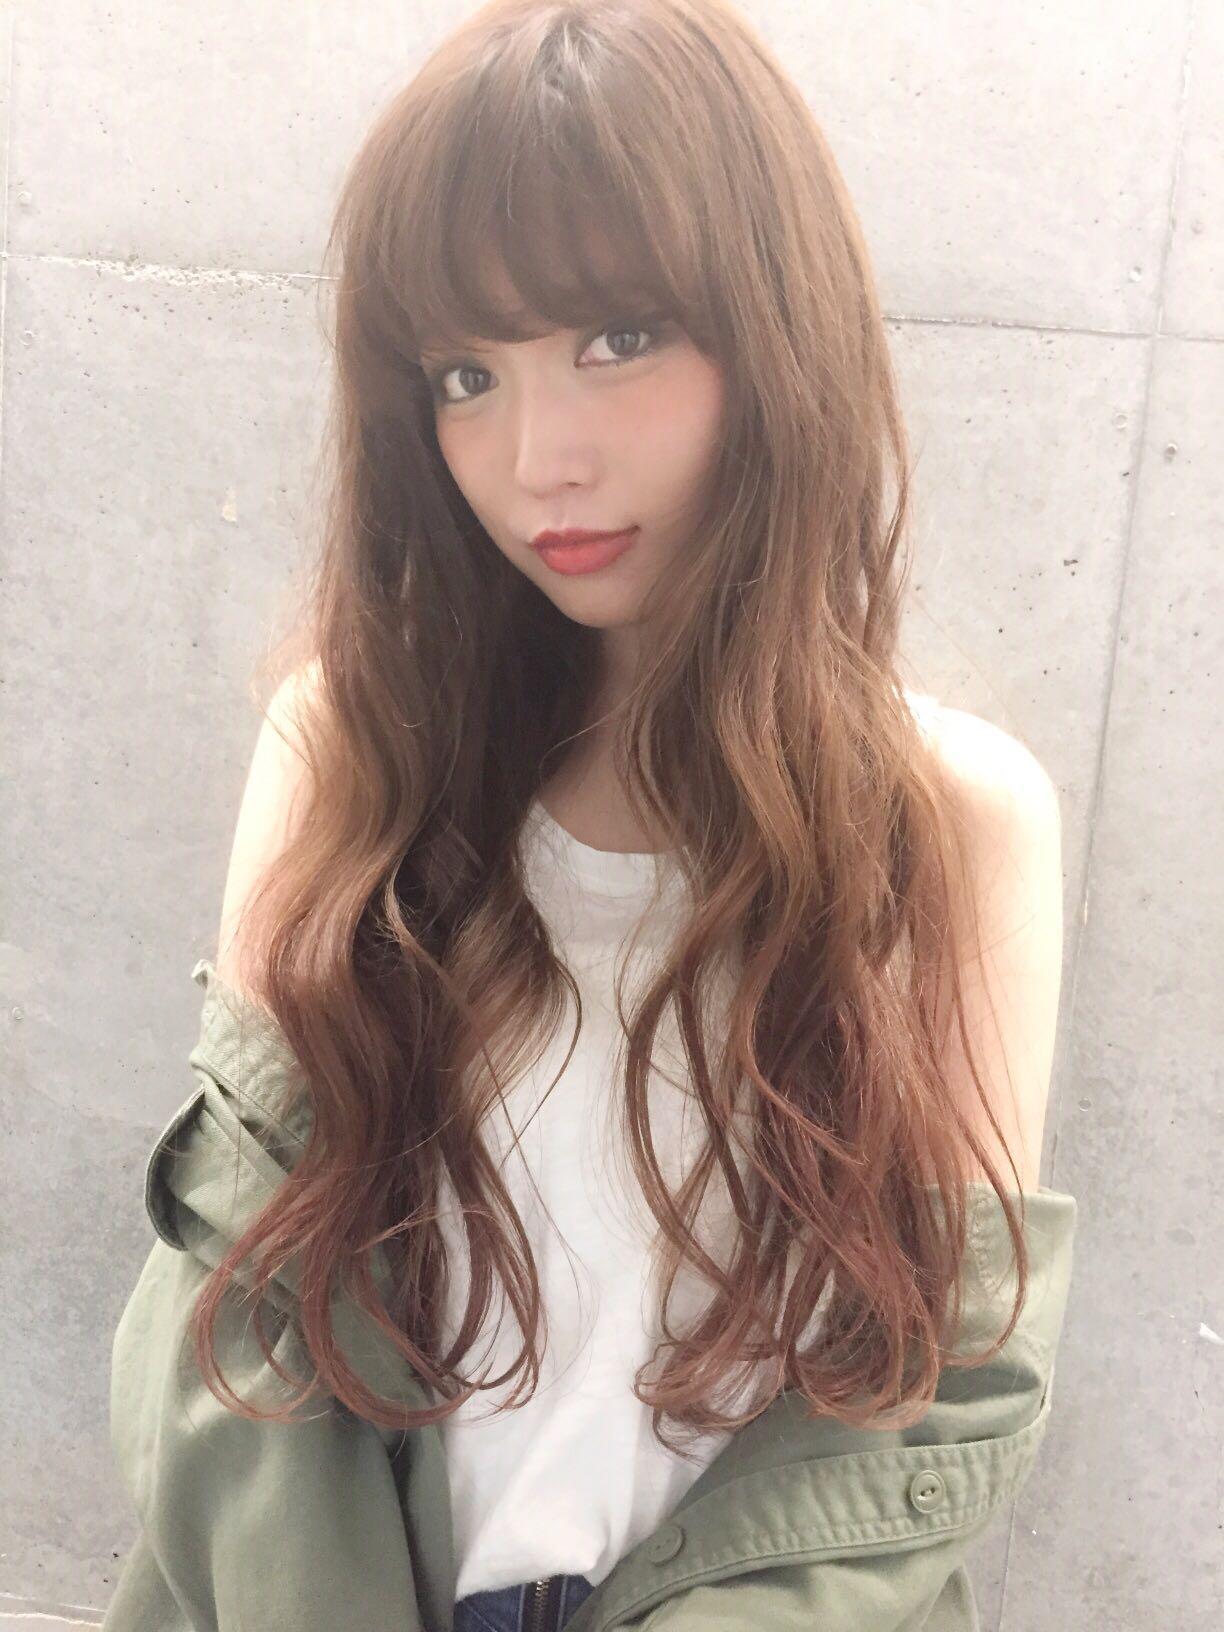 ミルクティーブラウンでブリーチなしでもかわいい髪色に♡の1枚目の画像